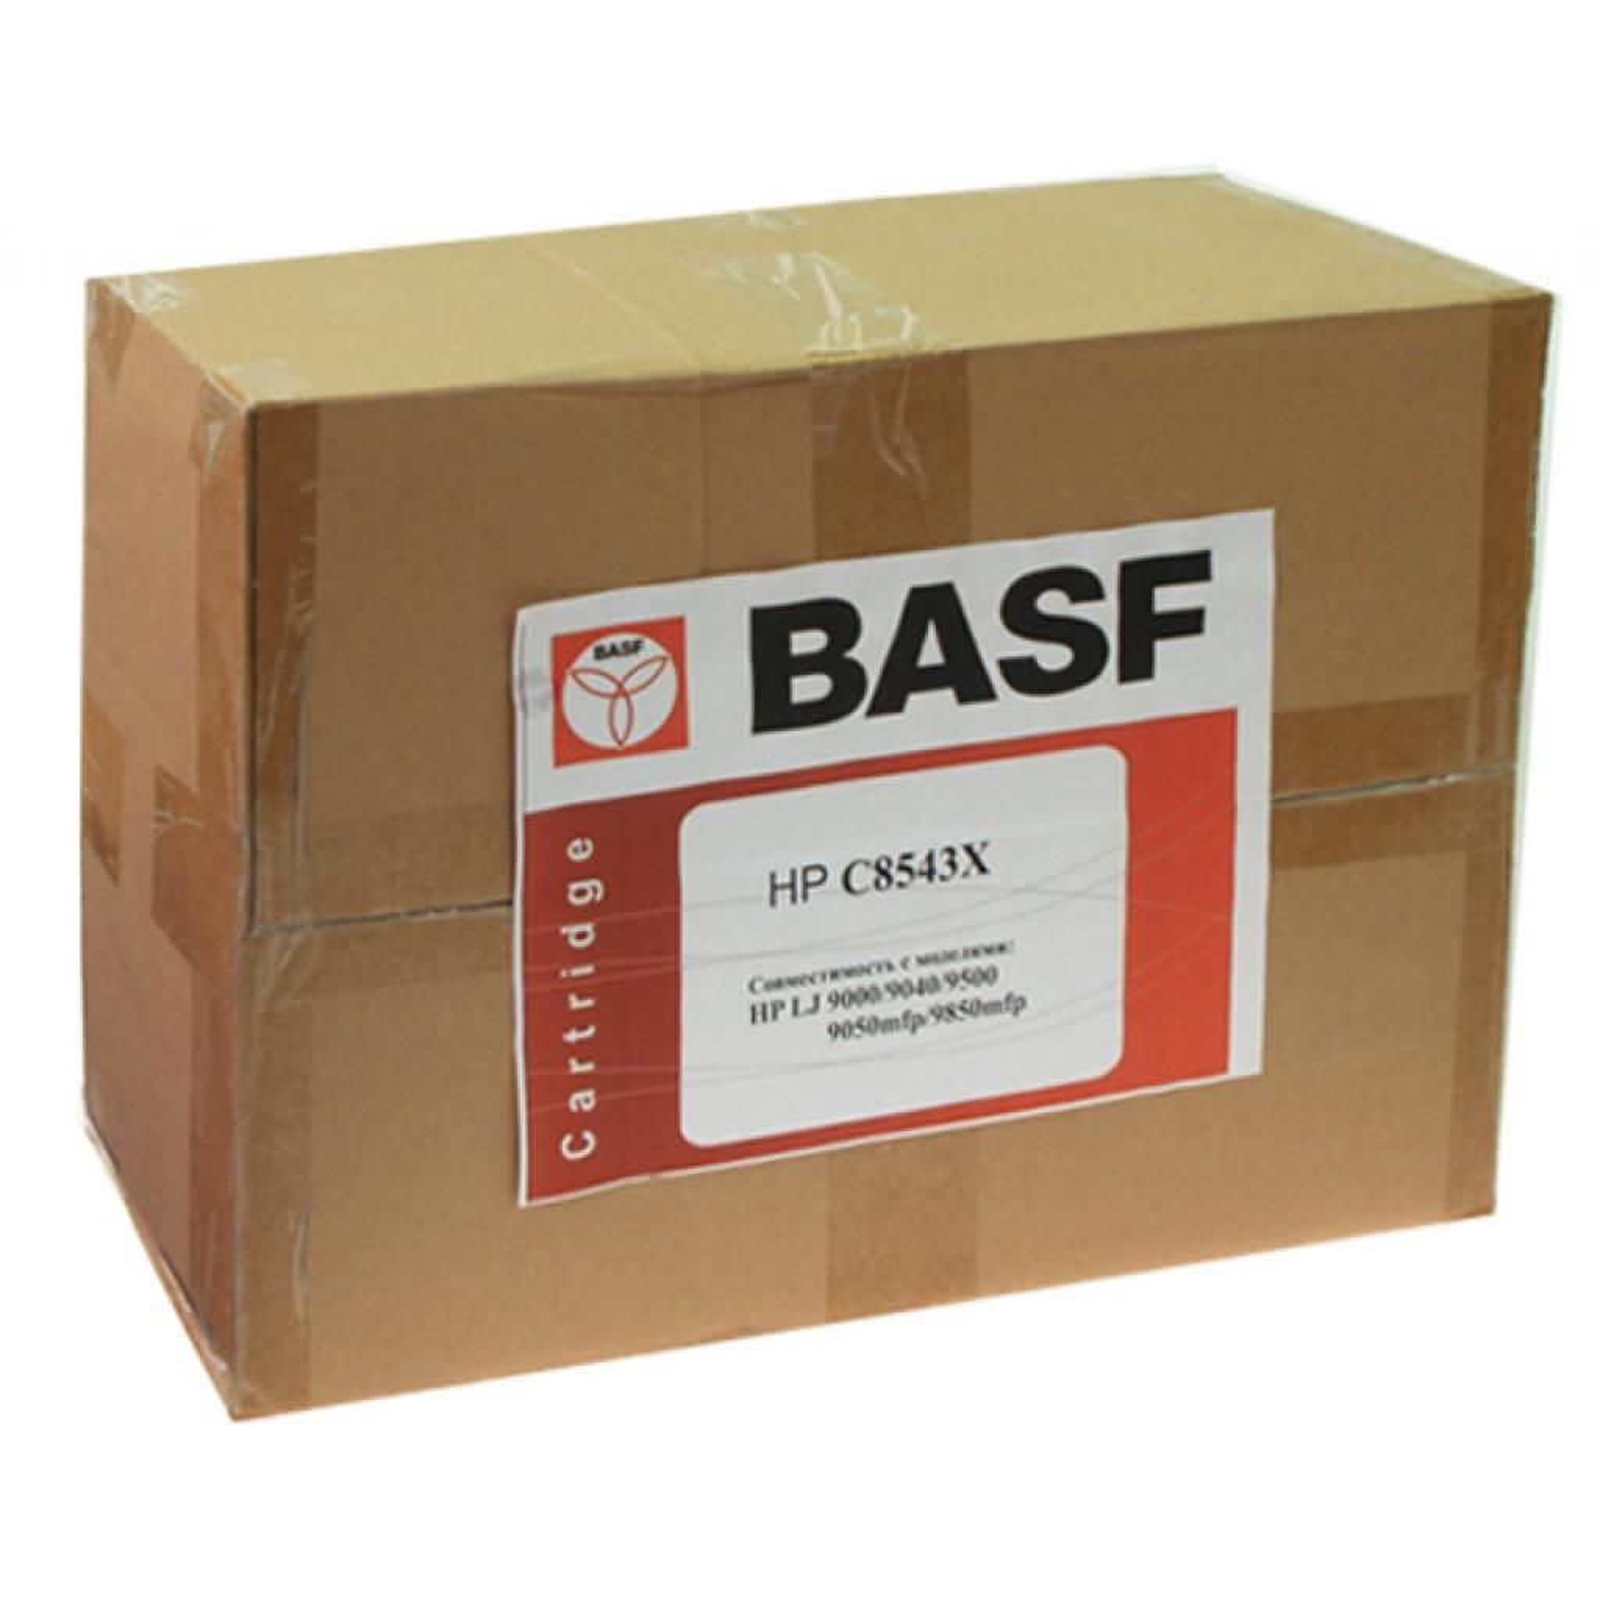 Картридж BASF для HP LJ 9000 (BC8543X)